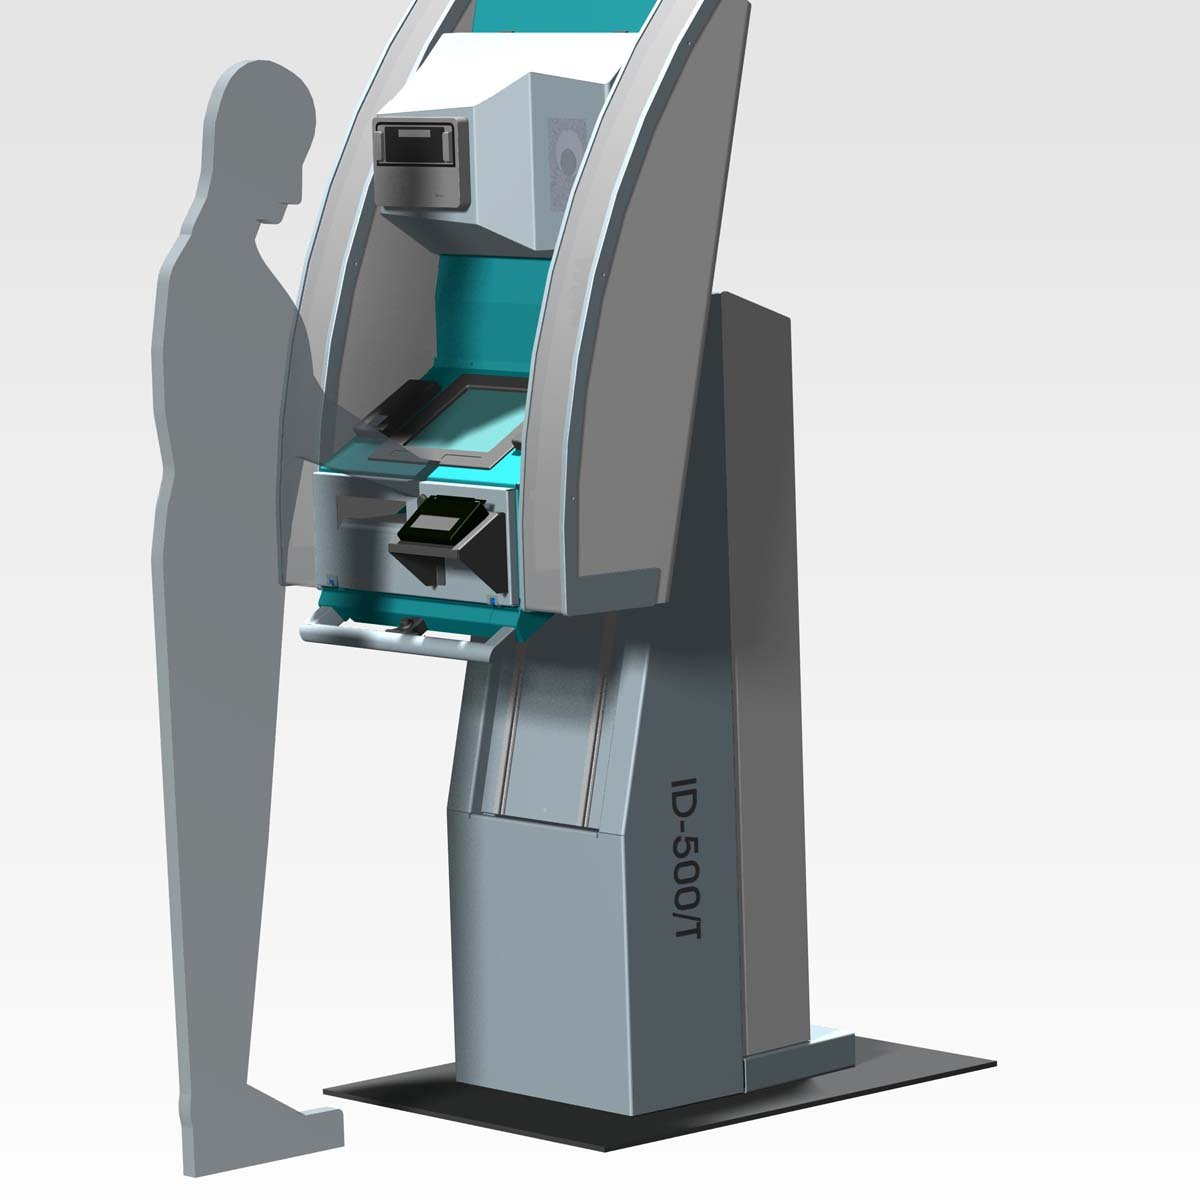 195_percentil-ergonomisches-datenerfassungs-terminal